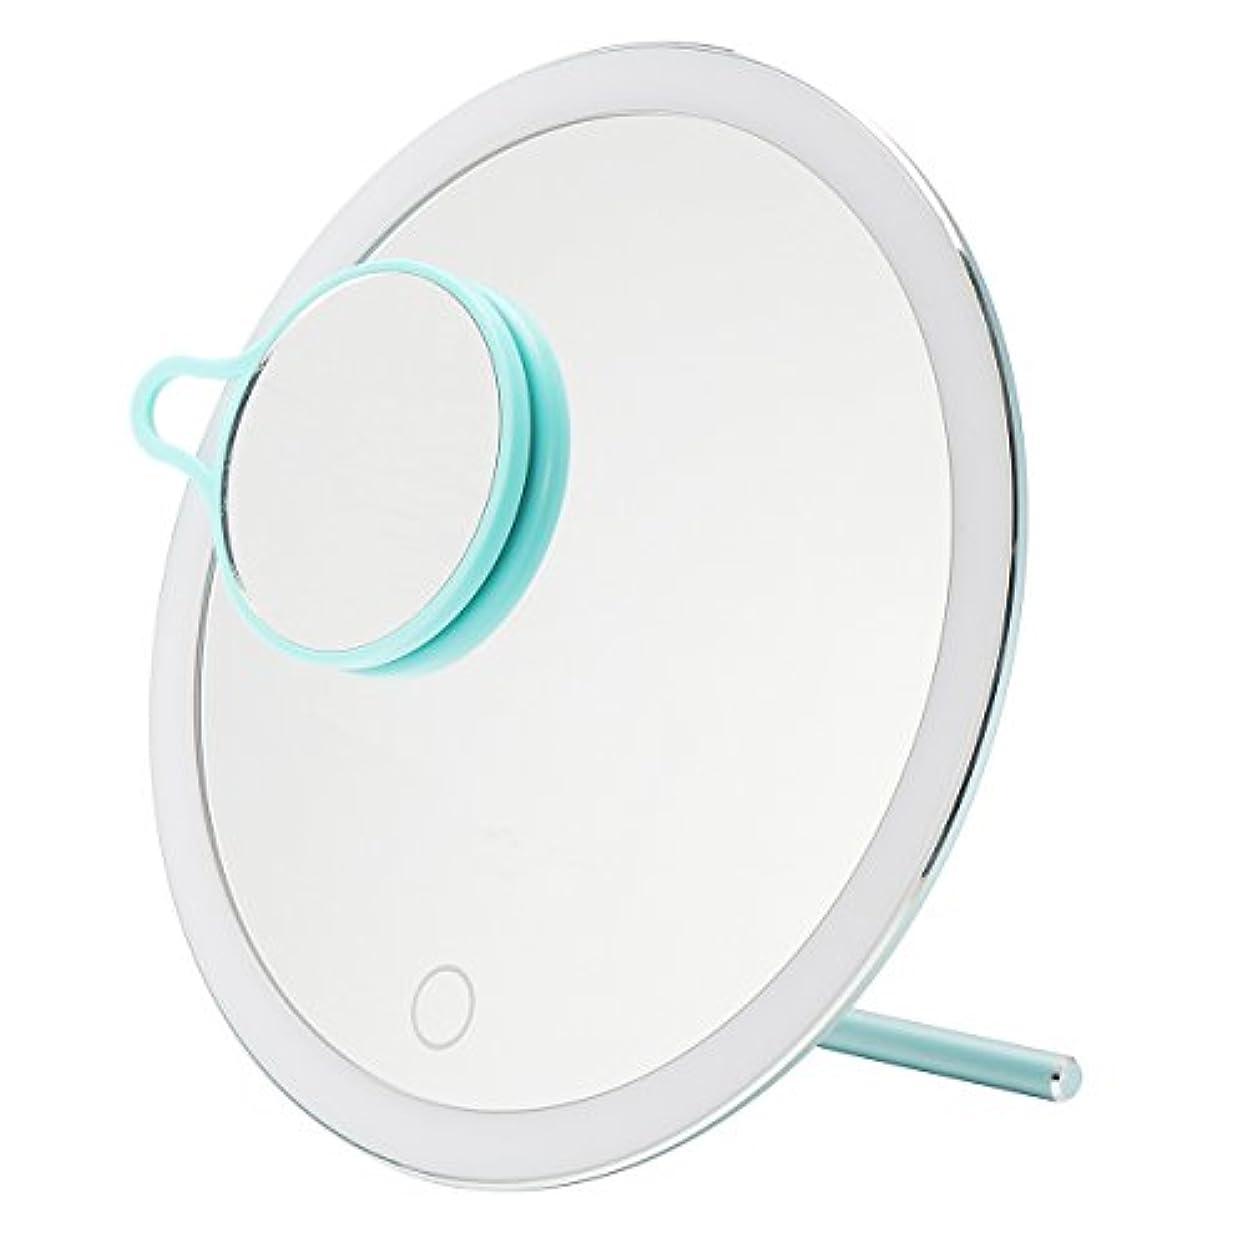 苦い民兵麺YZUEYT USB LEDライトメイクアップミラータッチスクリーン携帯用拡大鏡バニティテーブルトップランプ化粧ミラーメイクアップツール YZUEYT (Color : Color Blue)